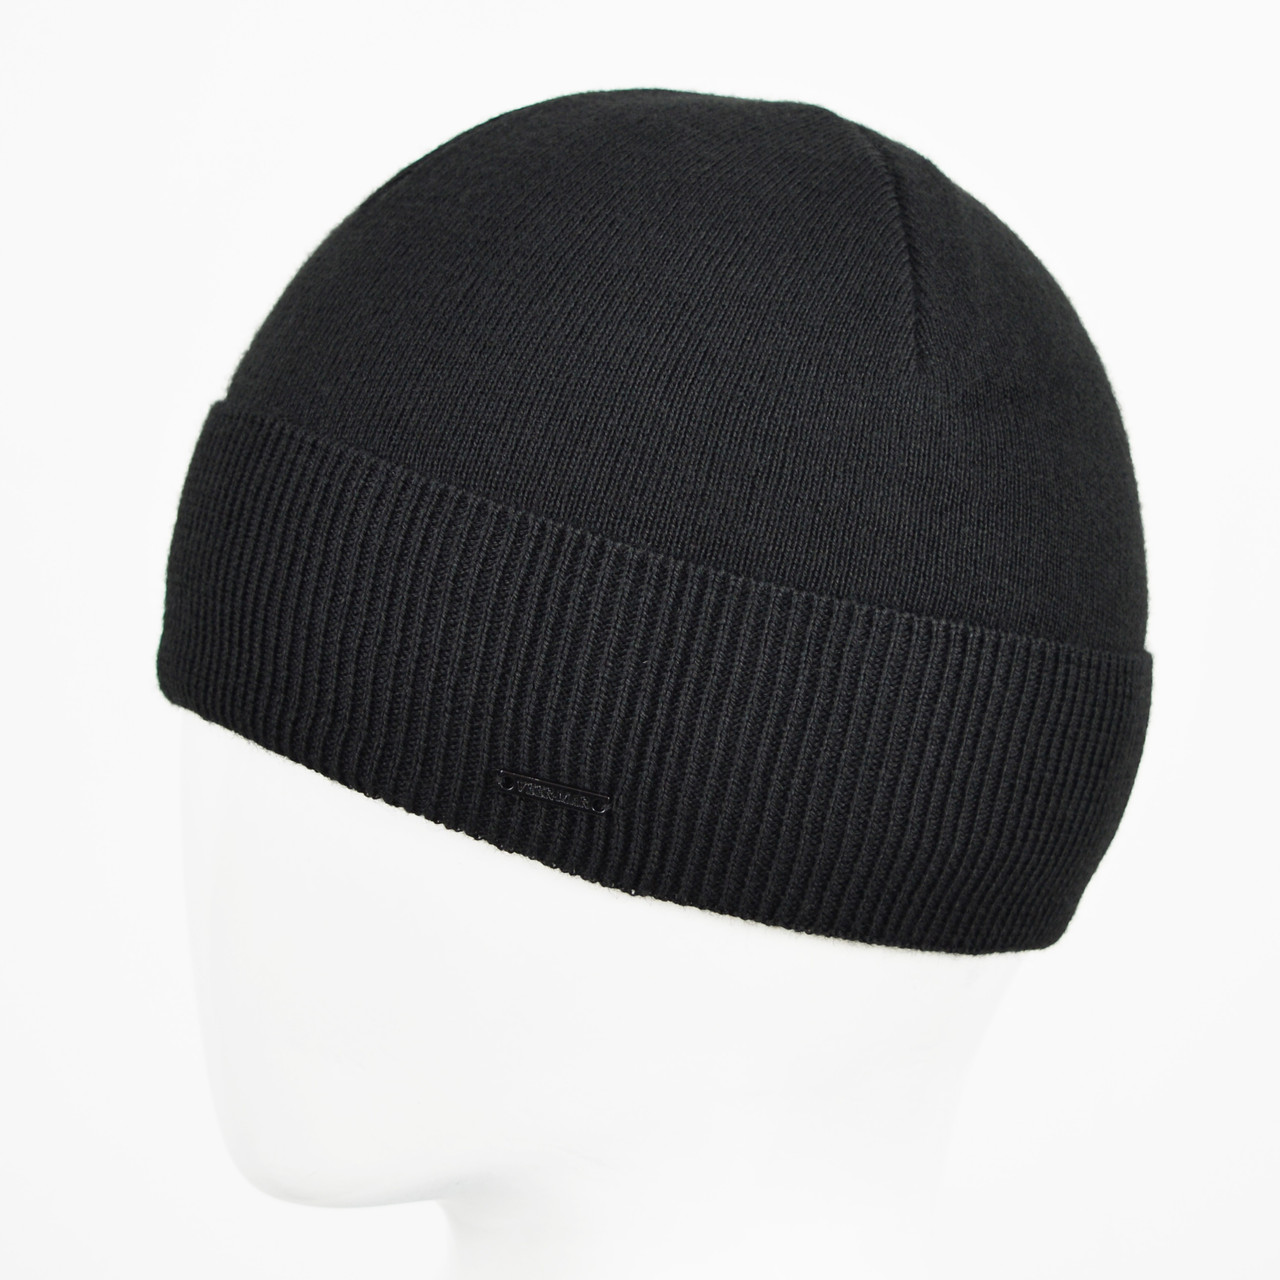 Мужская Шерстяная шапка Veer-Mar. SH9102 черный